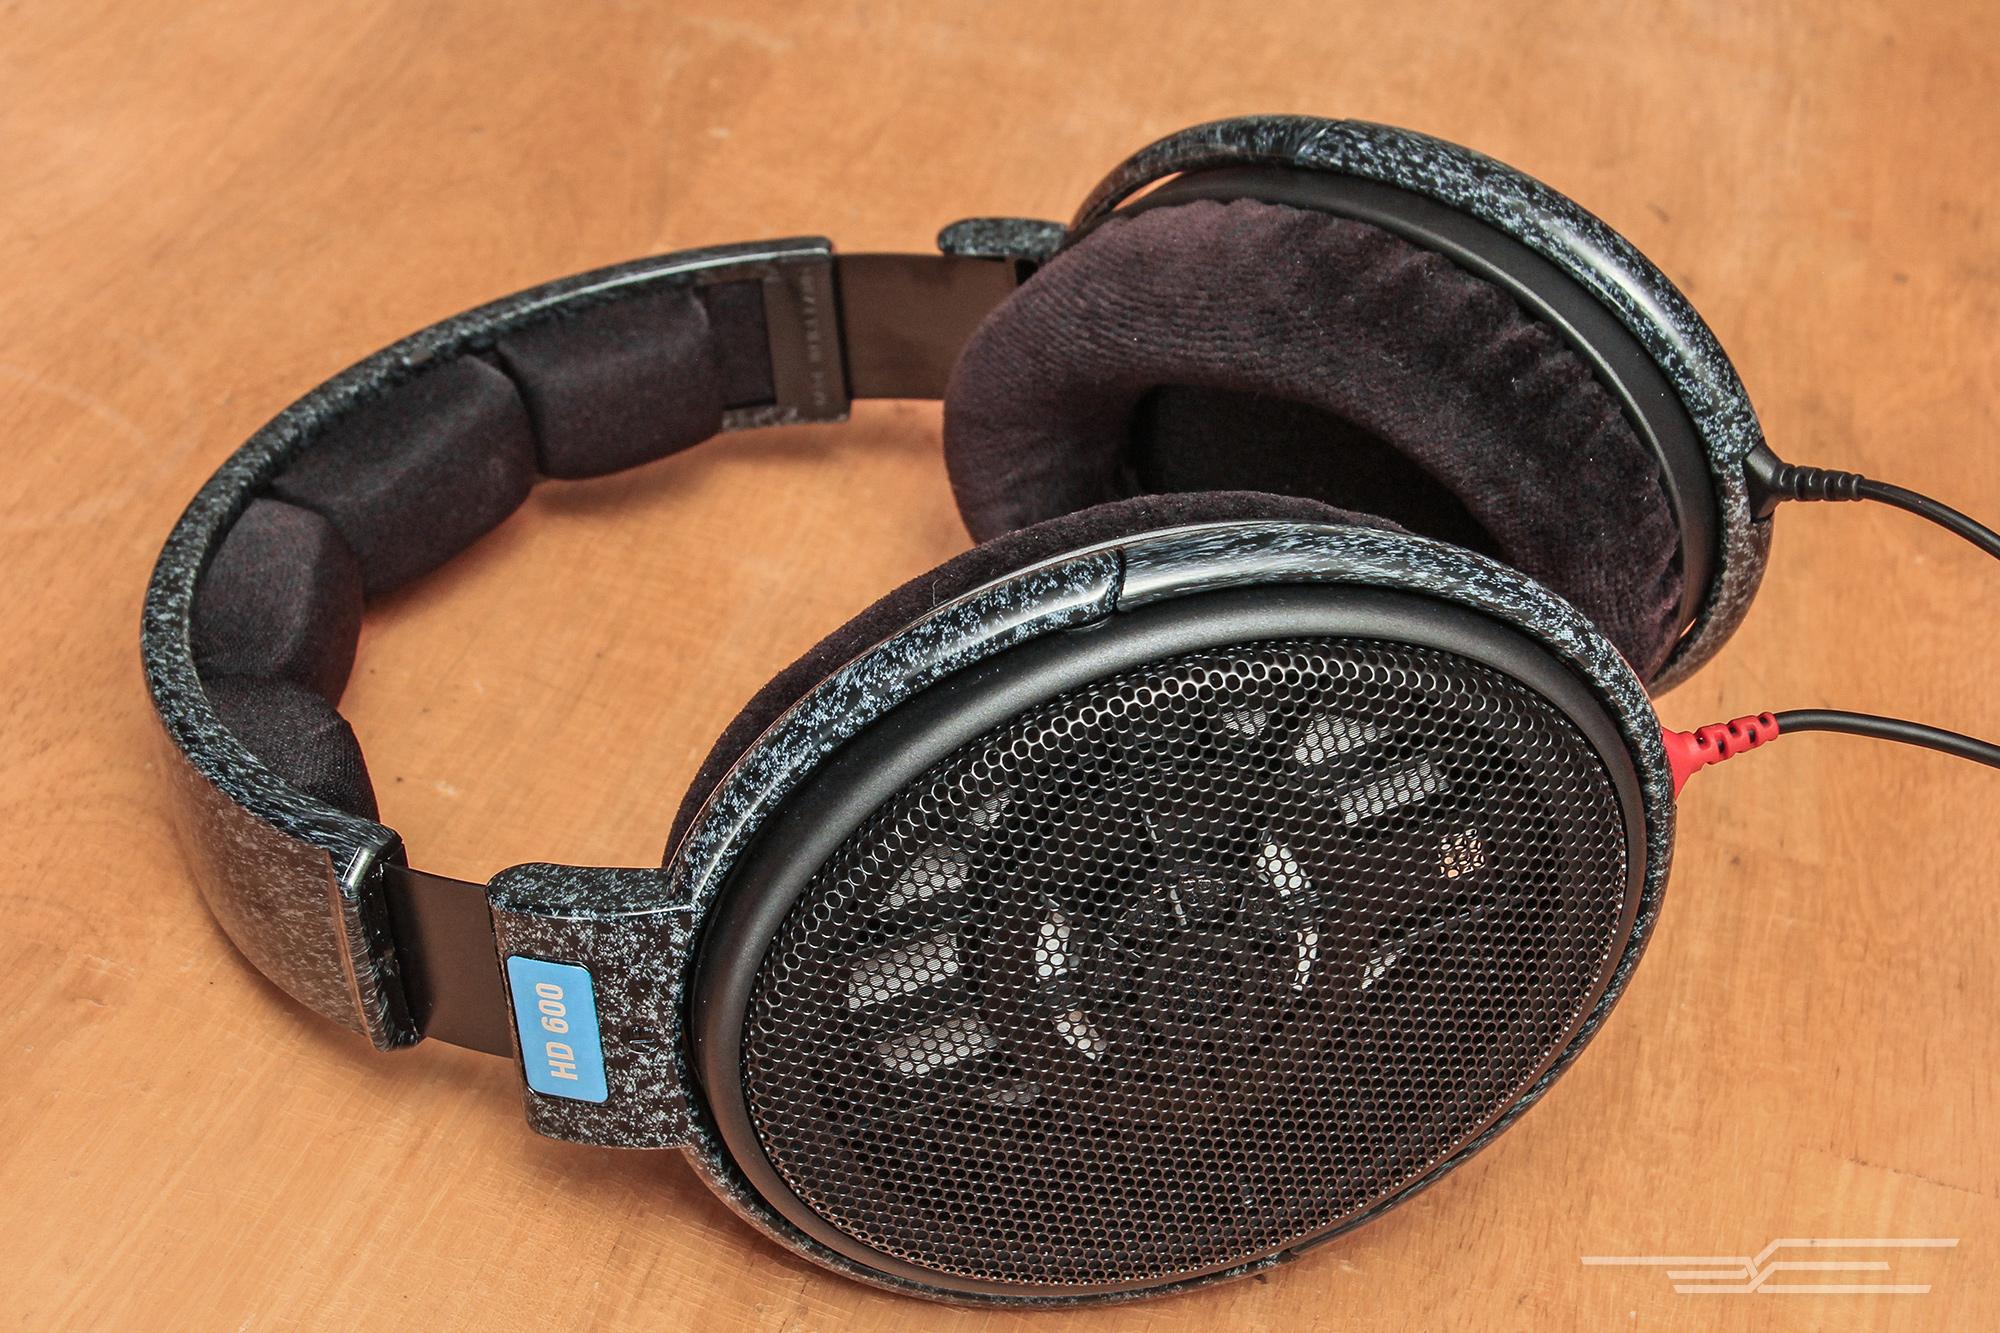 the best open back headphones under 500. Black Bedroom Furniture Sets. Home Design Ideas